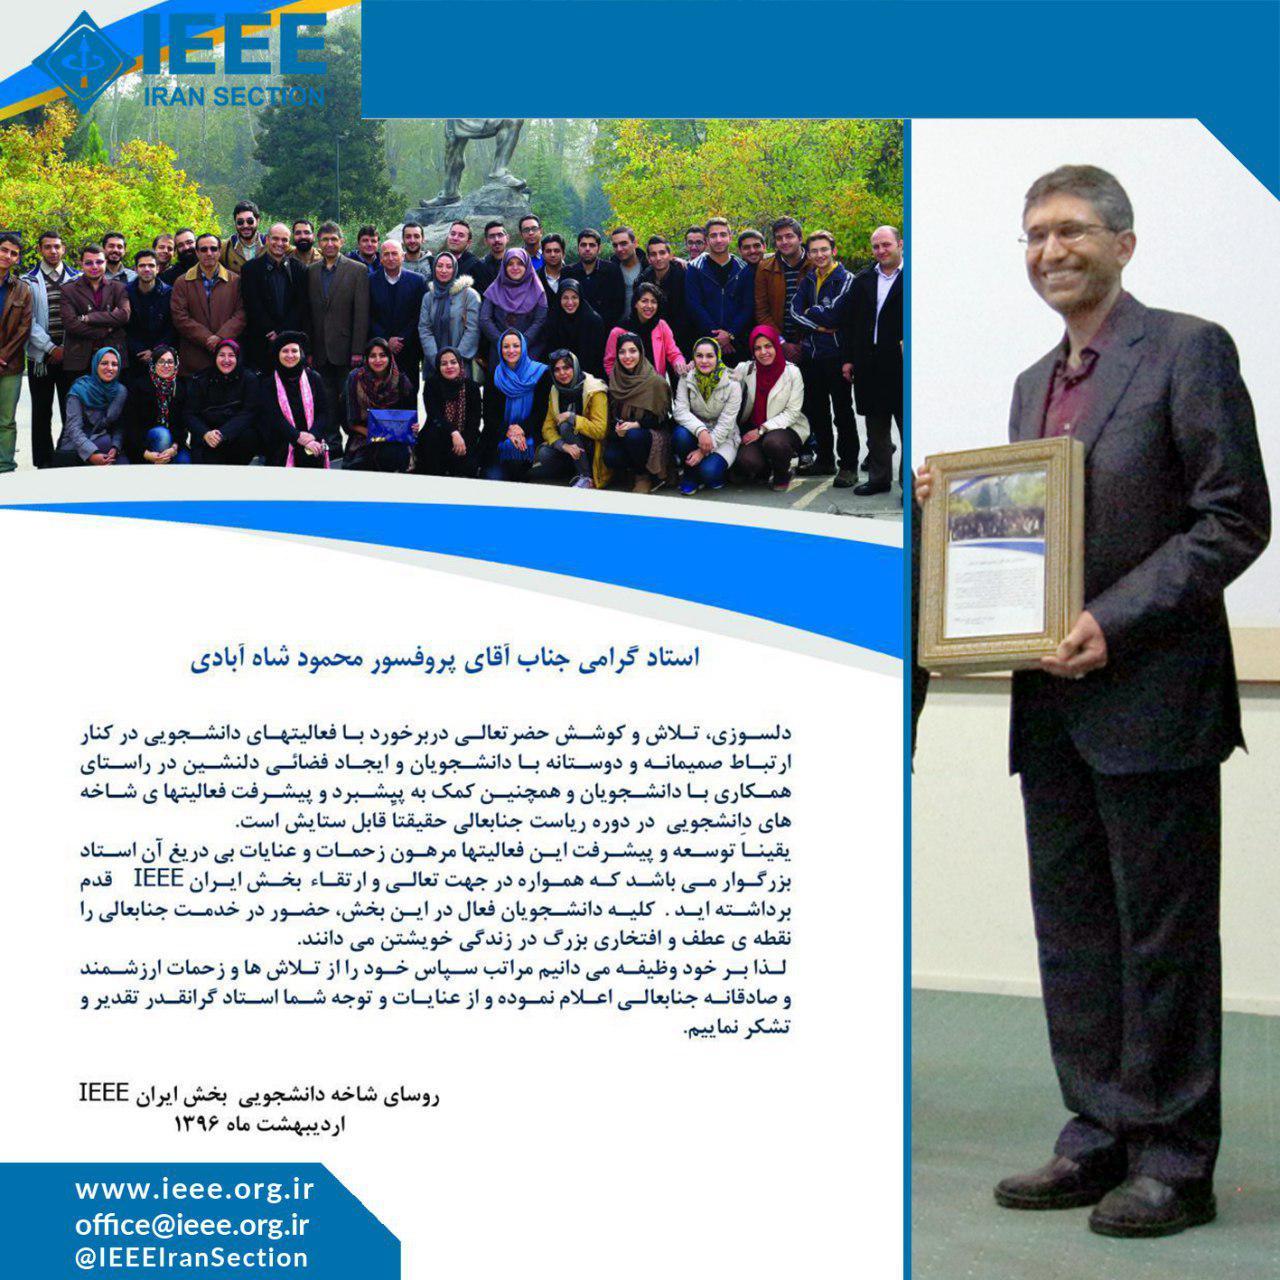 هشتمین نشست سالیانه بخش ایران IEEE، شاخه دانشجویی IEEE دانشگاه آزاد اسلامی واحد شهر مجلسی